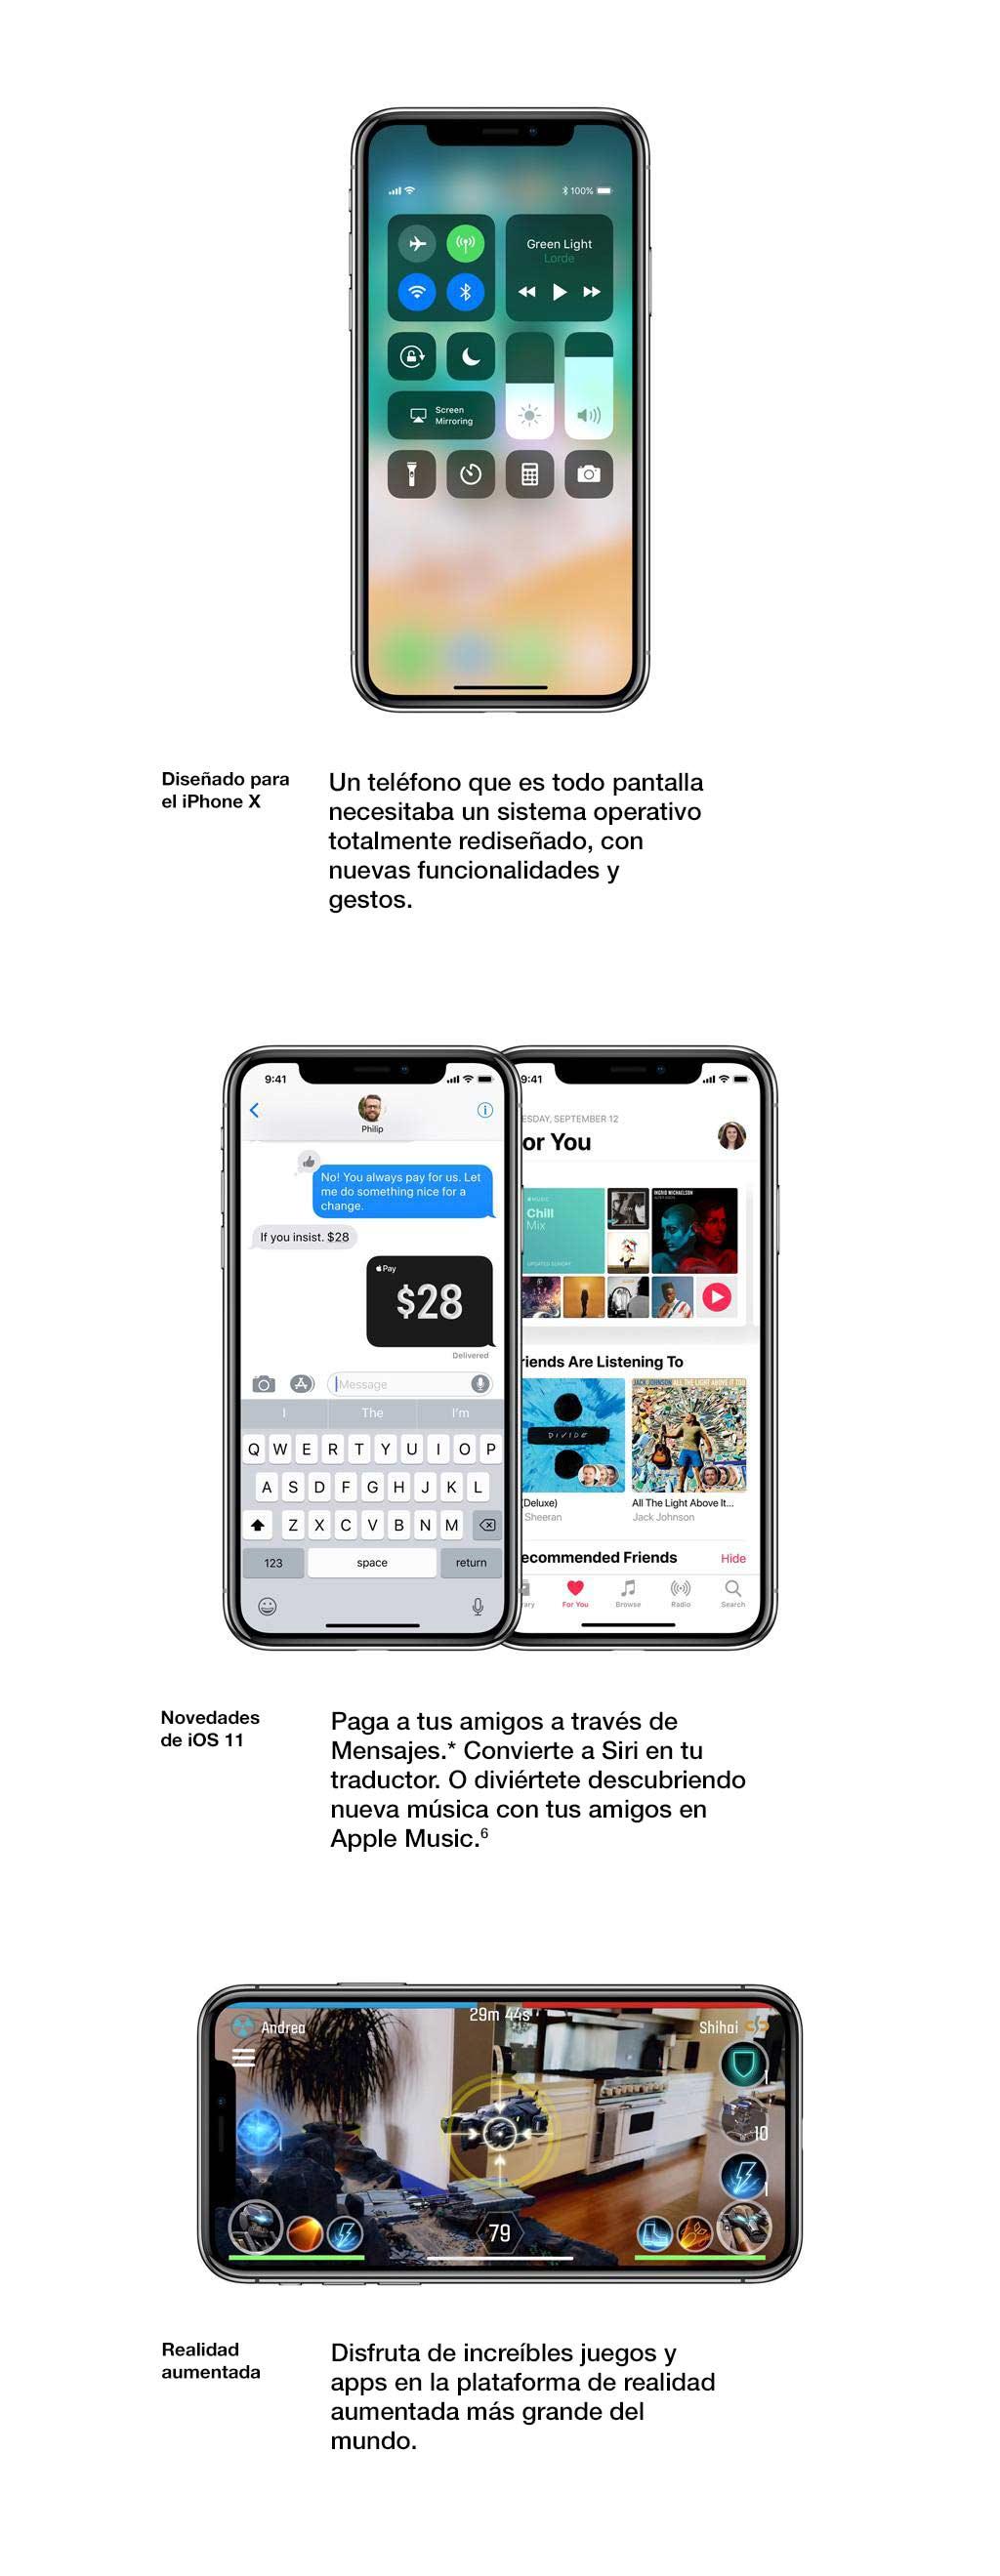 Un teléfono que es completamente pantalla necesitaba un SO reformulado con nuevas capacidades y gestos.